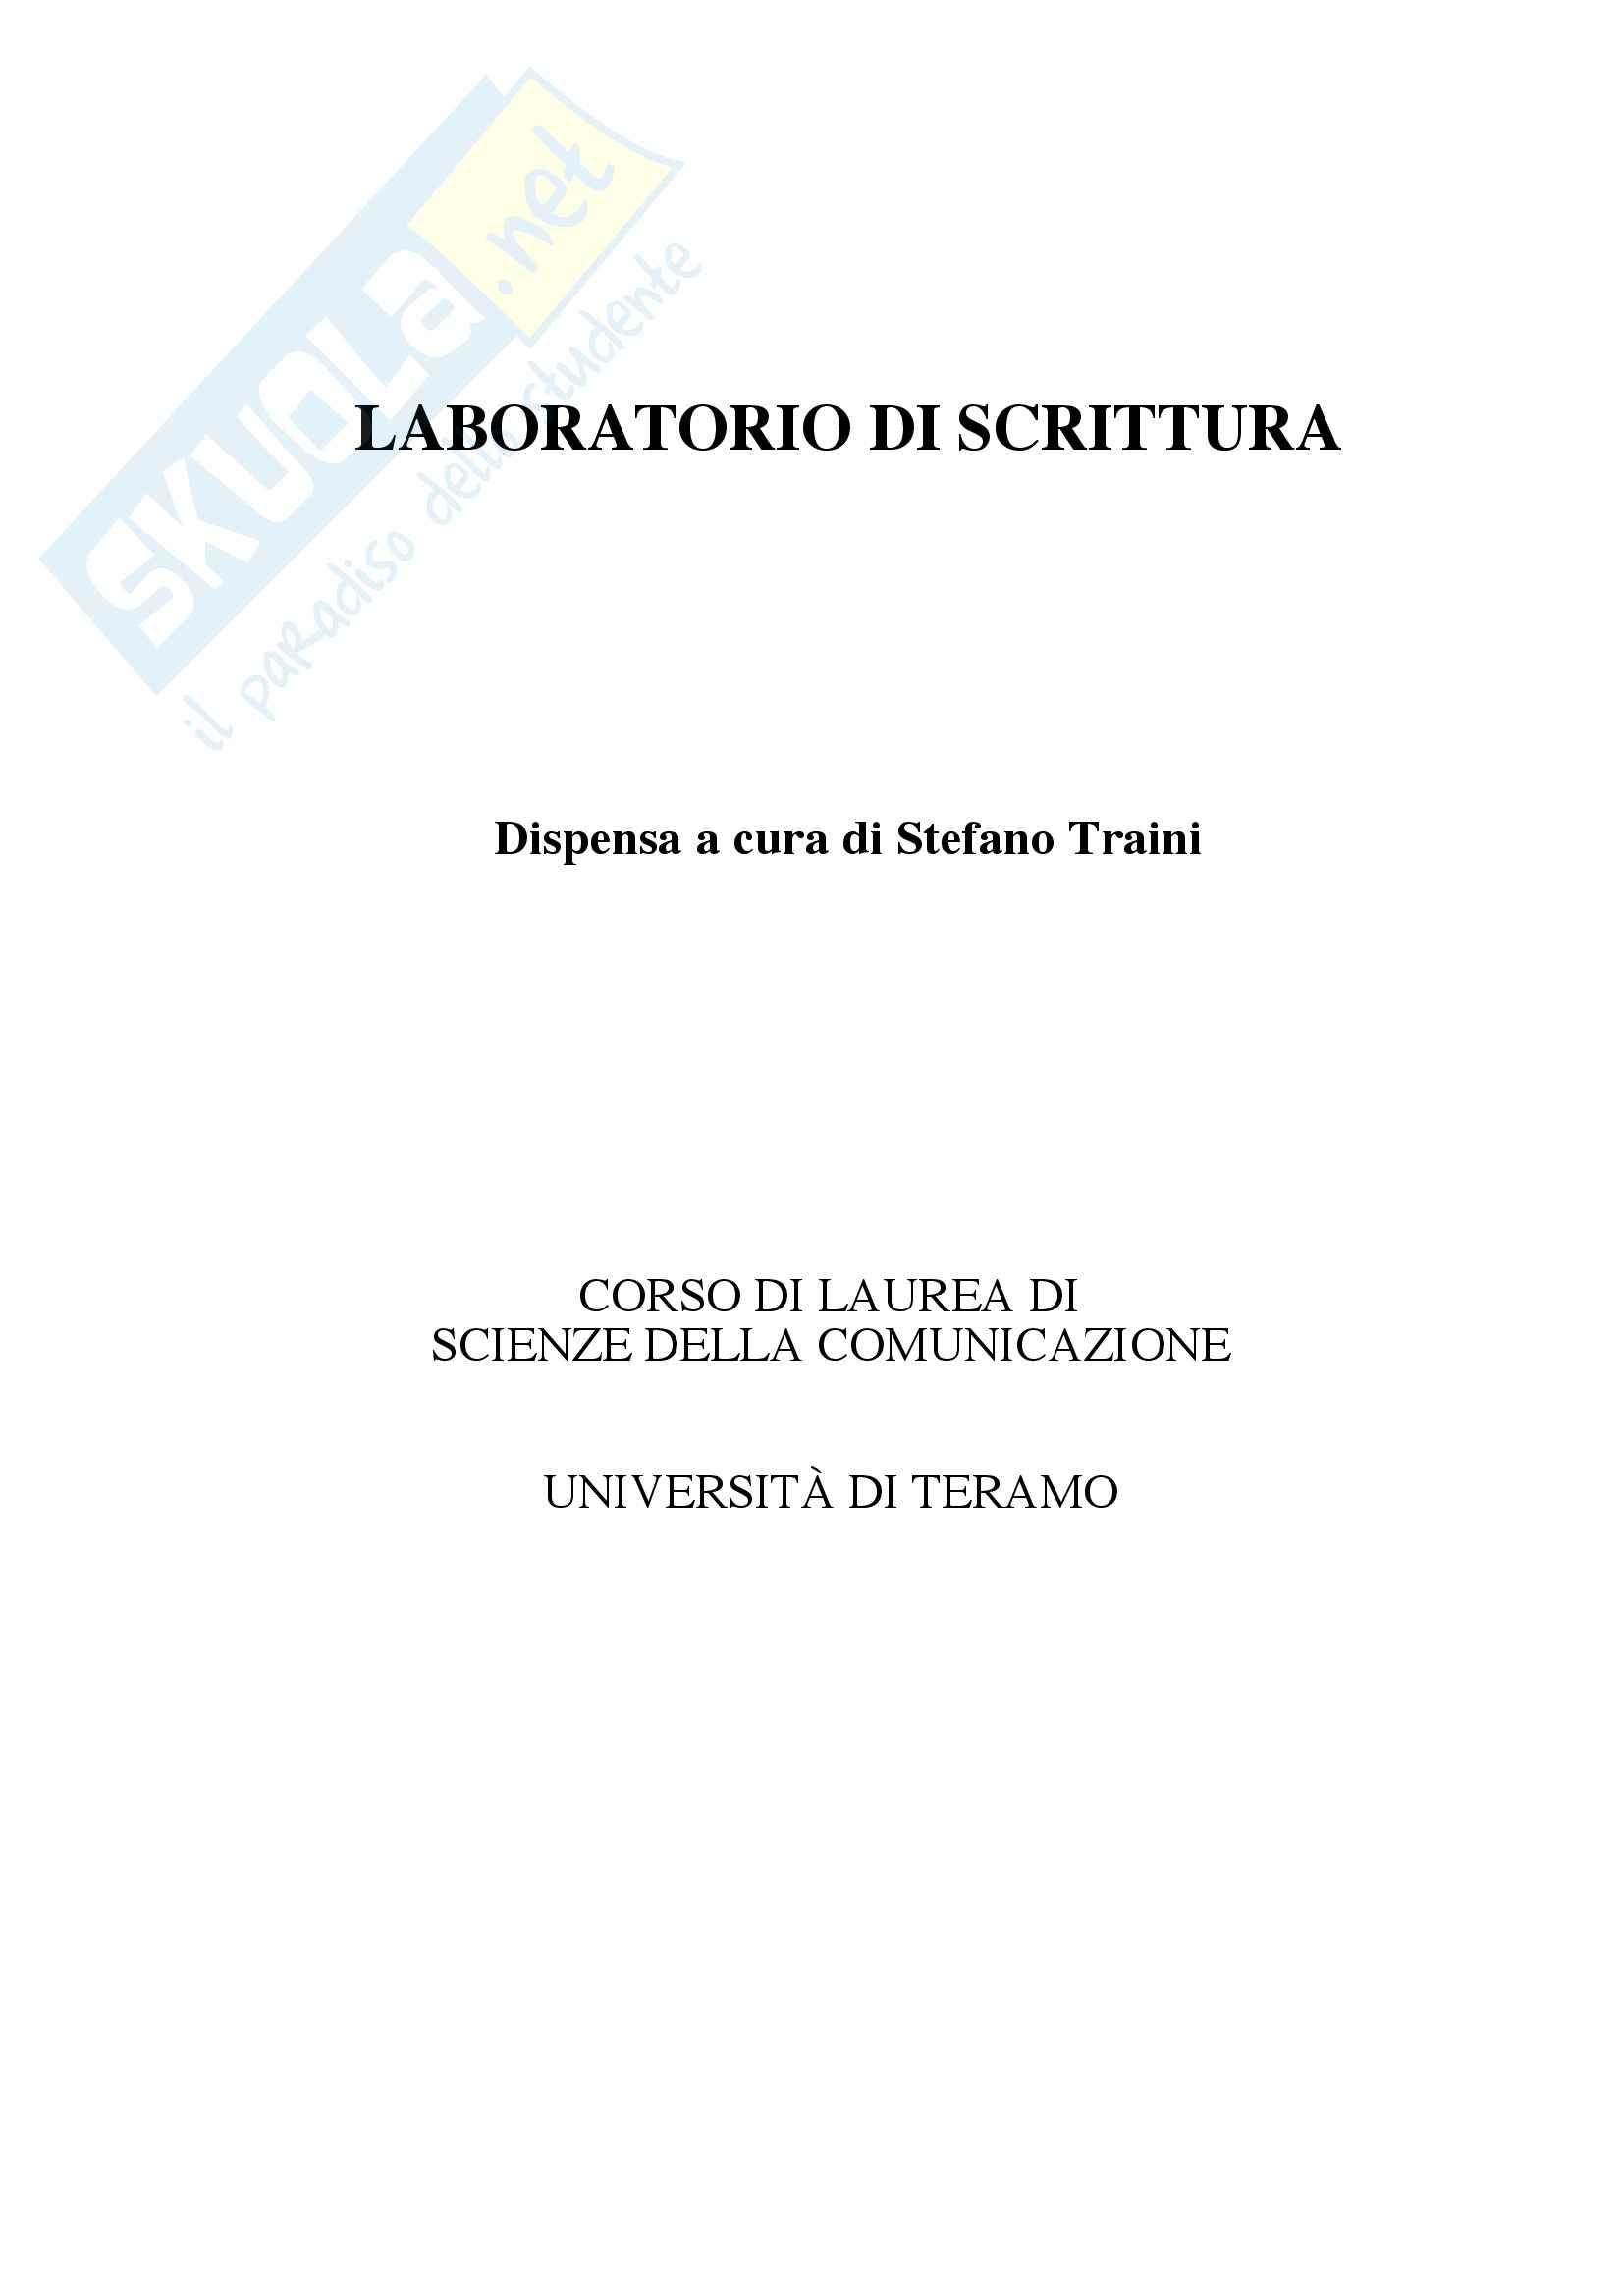 Laboratorio di scrittura italiana - la buona scrittura